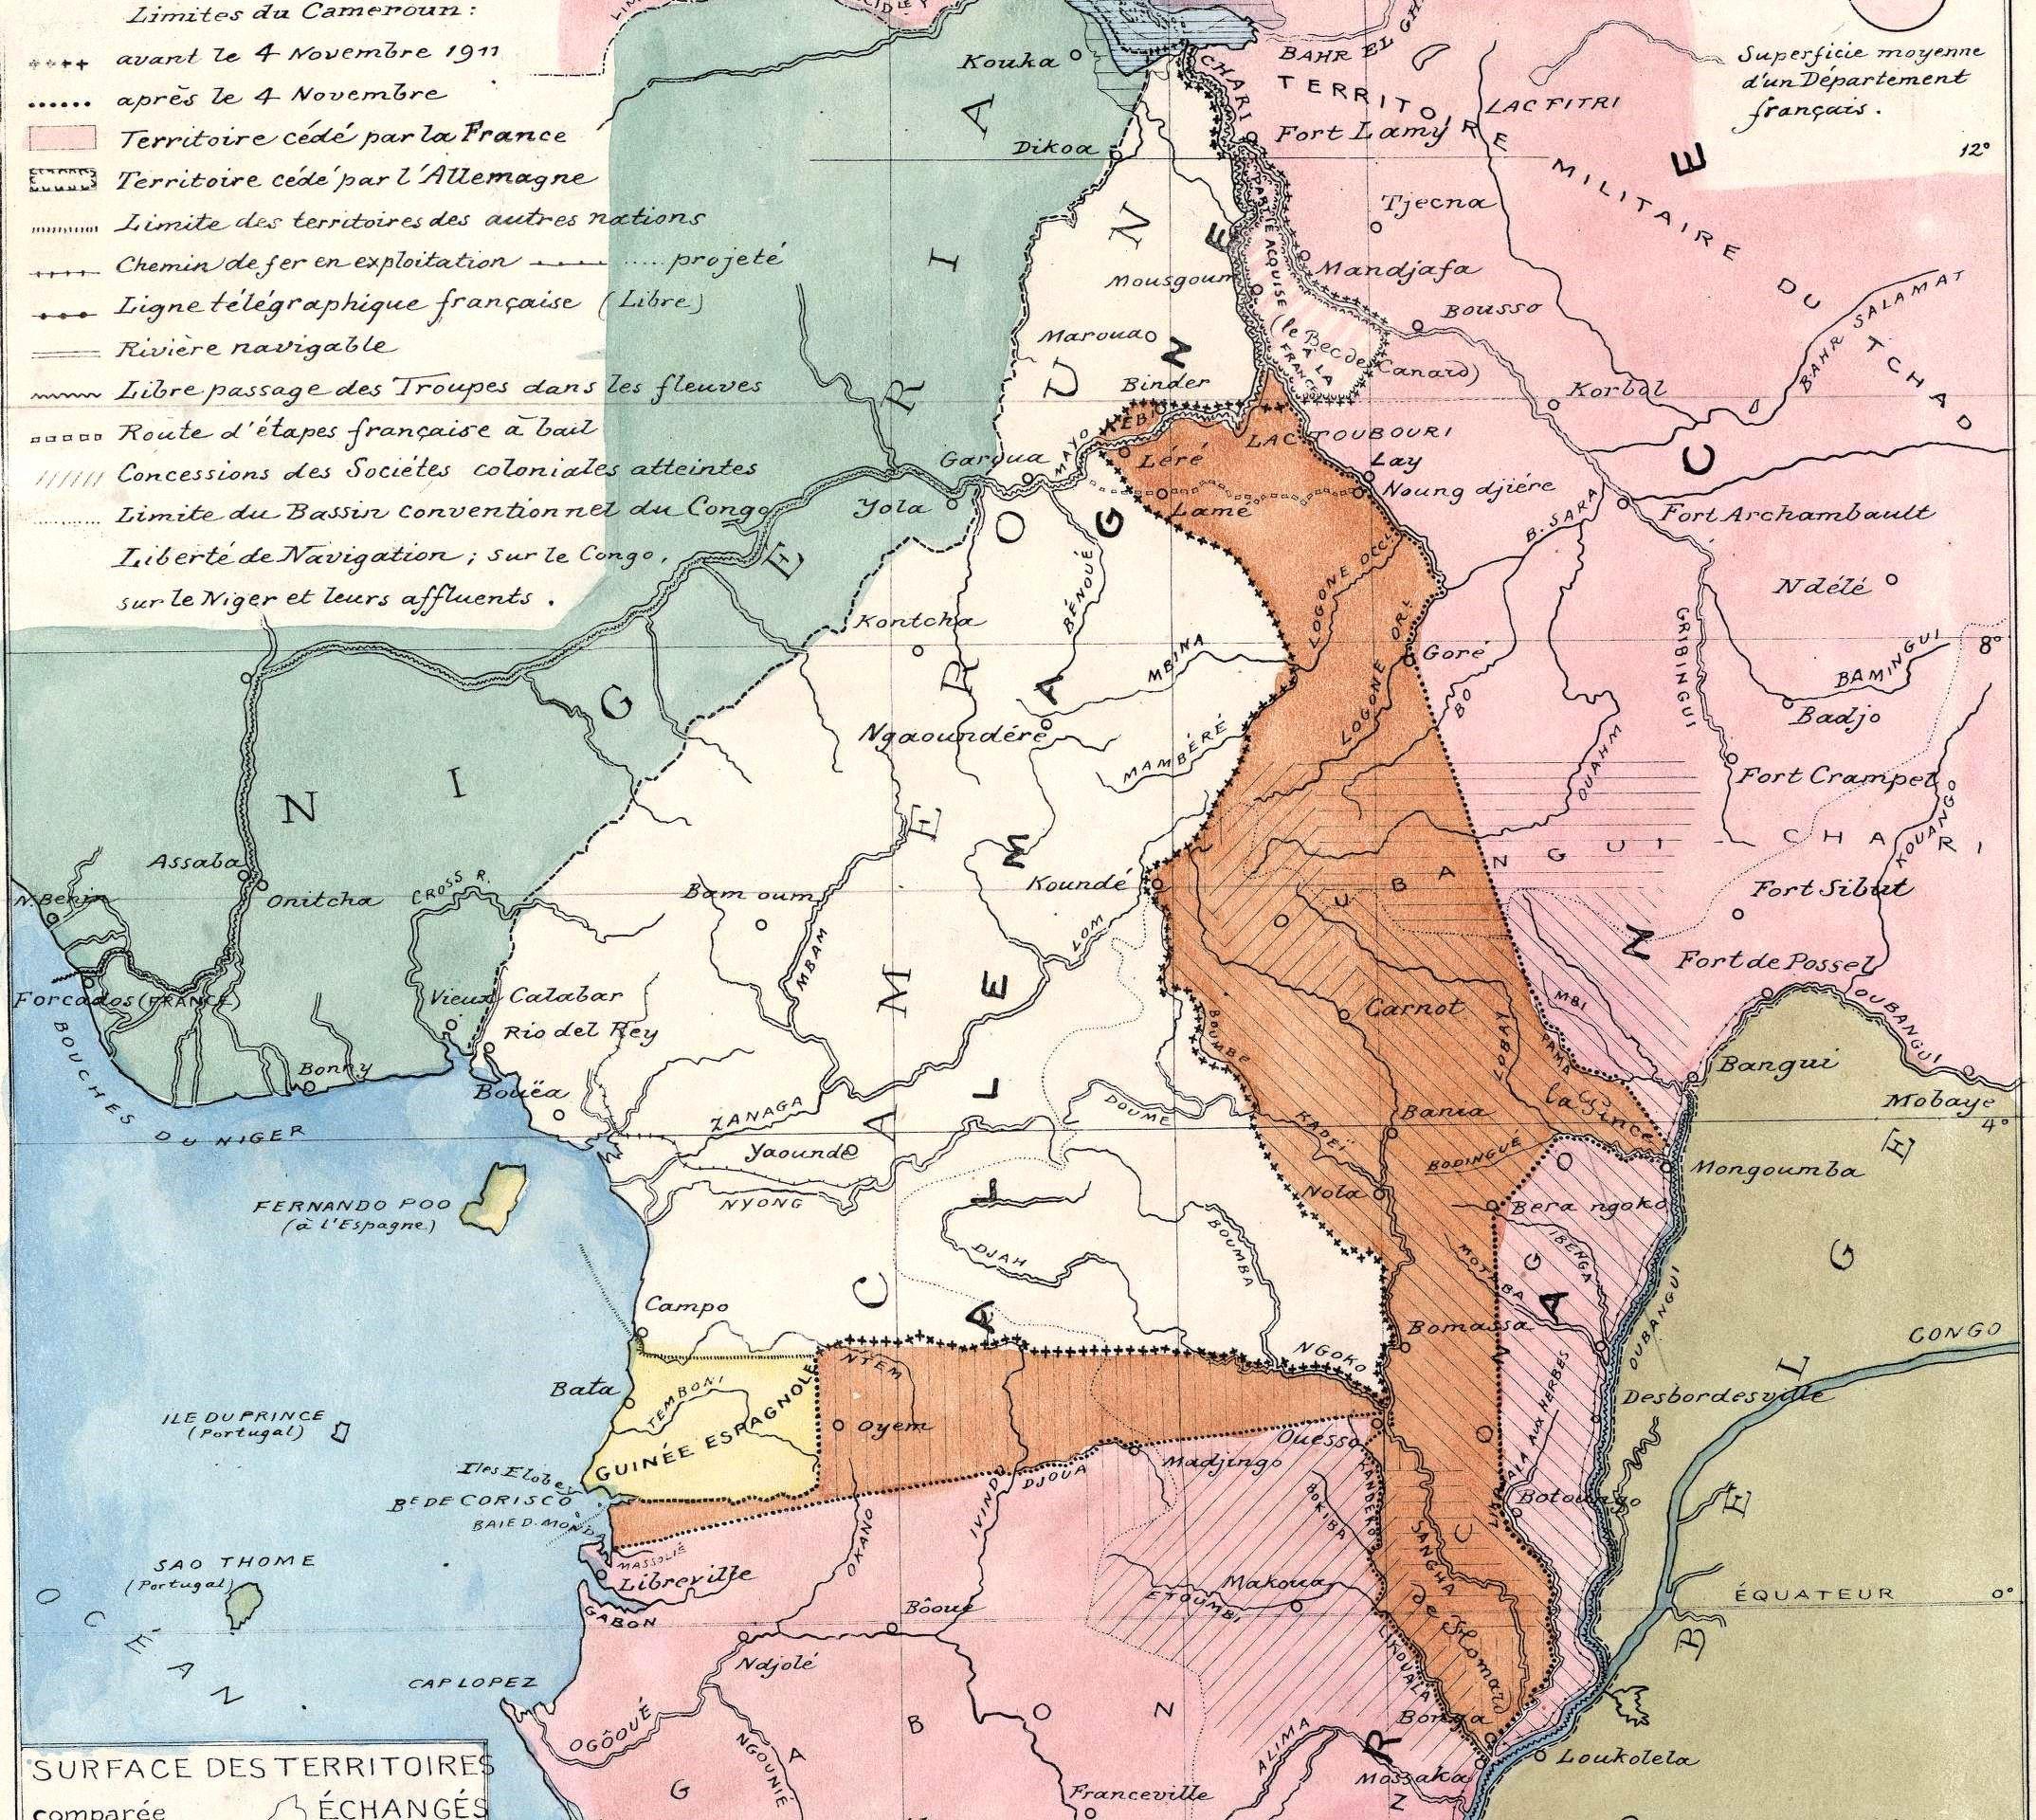 Carte Allemagne Apres Guerre.La Grande Guerre Vue Des Colonies Aupres De Nos Racines